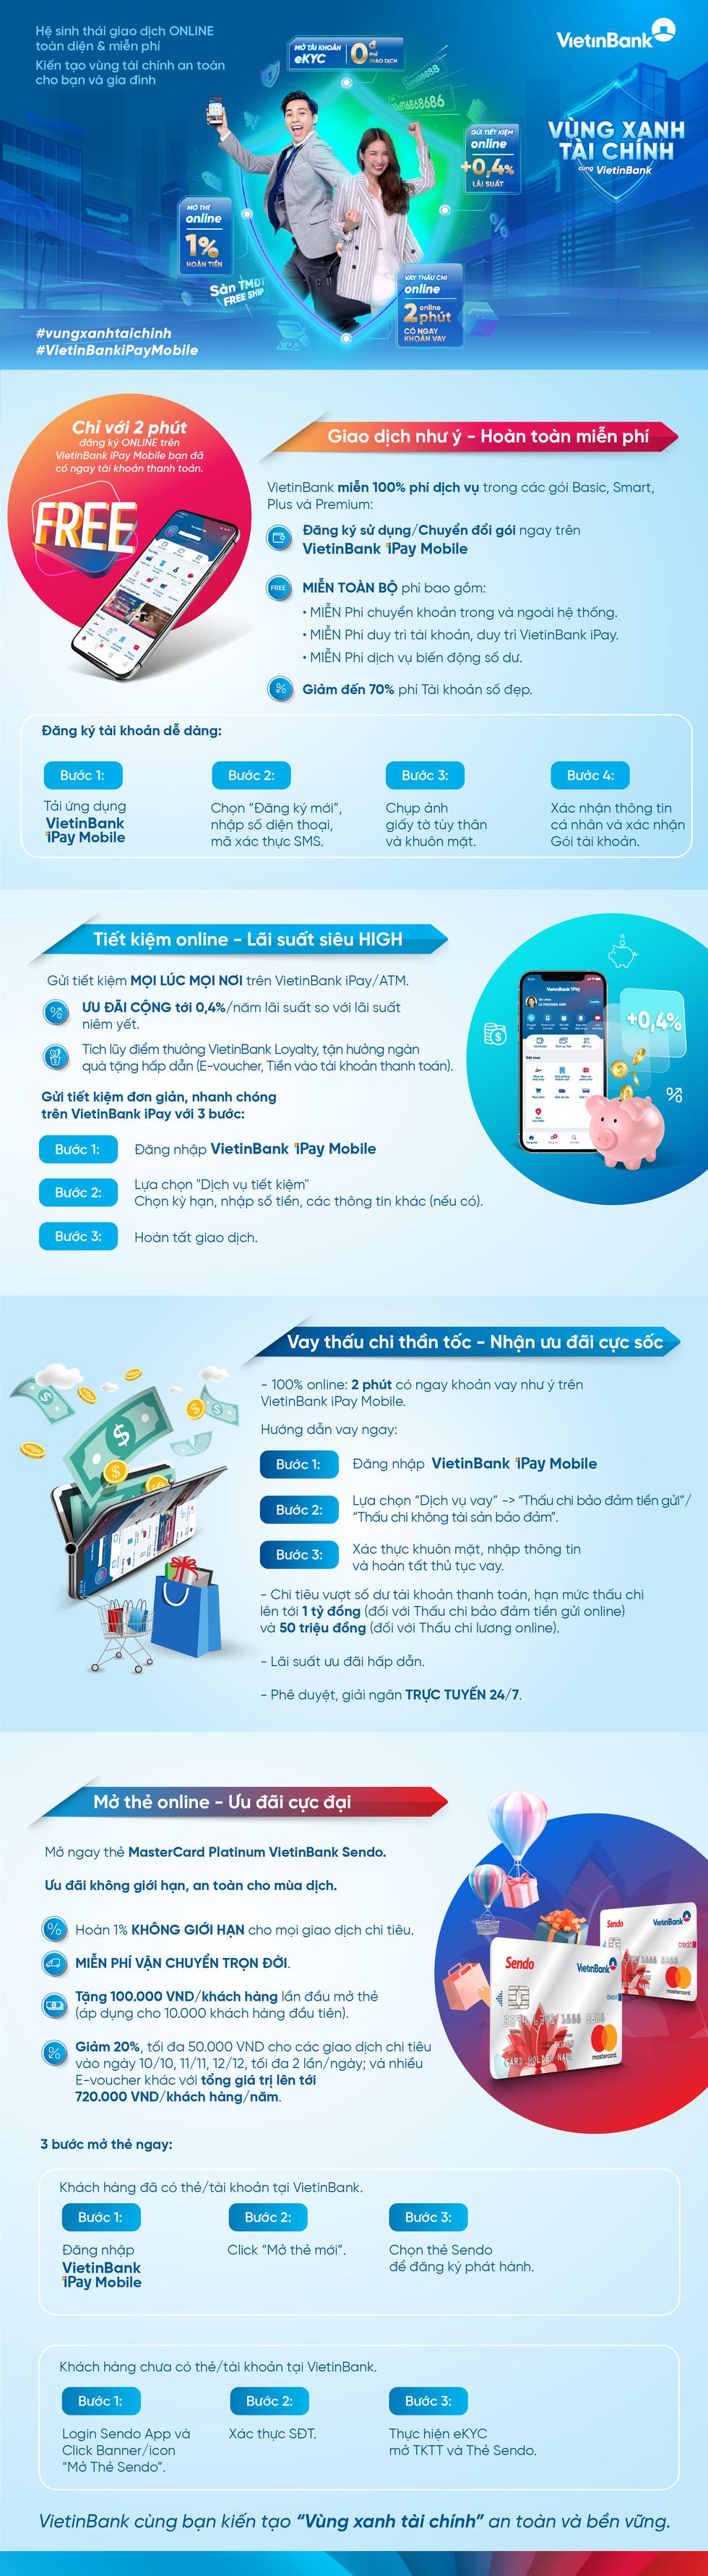 Kiến tạo Vùng xanh tài chính cùng VietinBank - Ảnh 1.